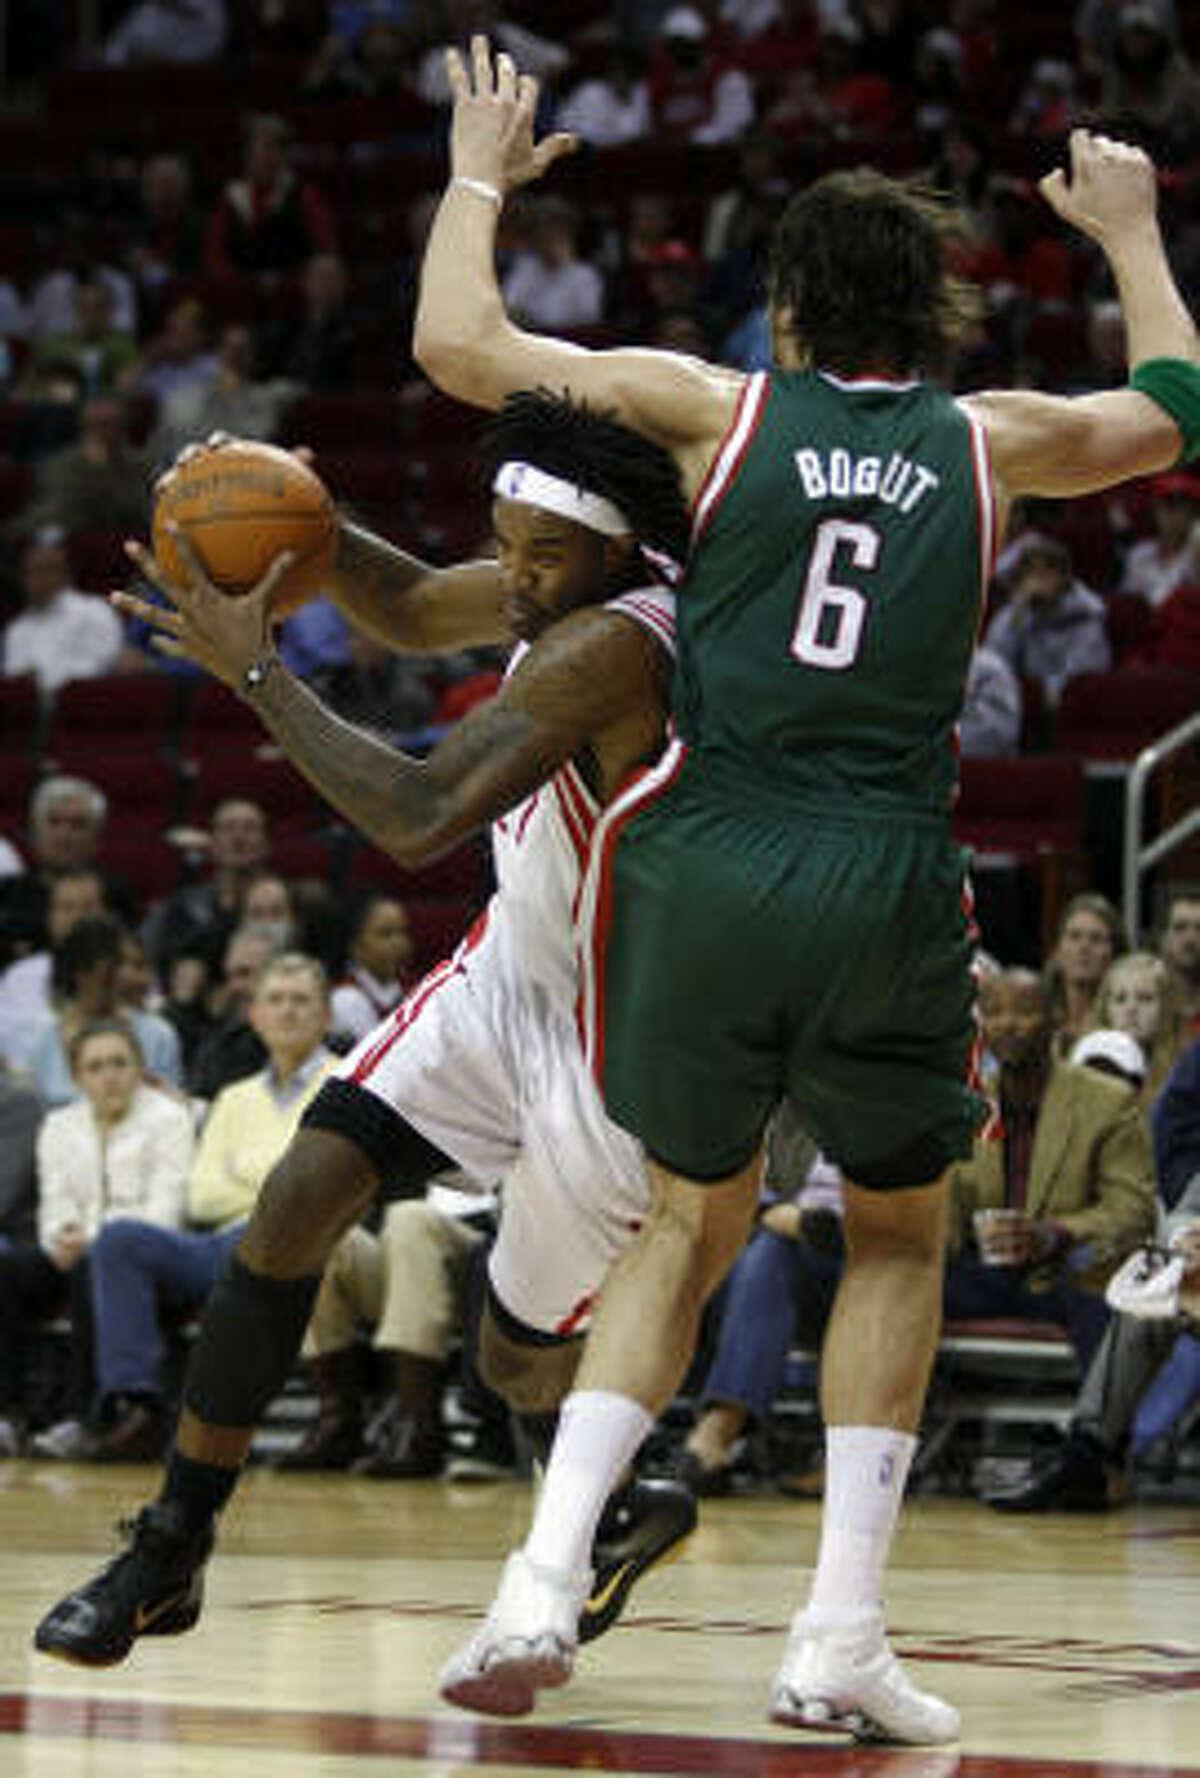 Rockets center Jordan Hill moves around Bucks center Andrew Bogut.